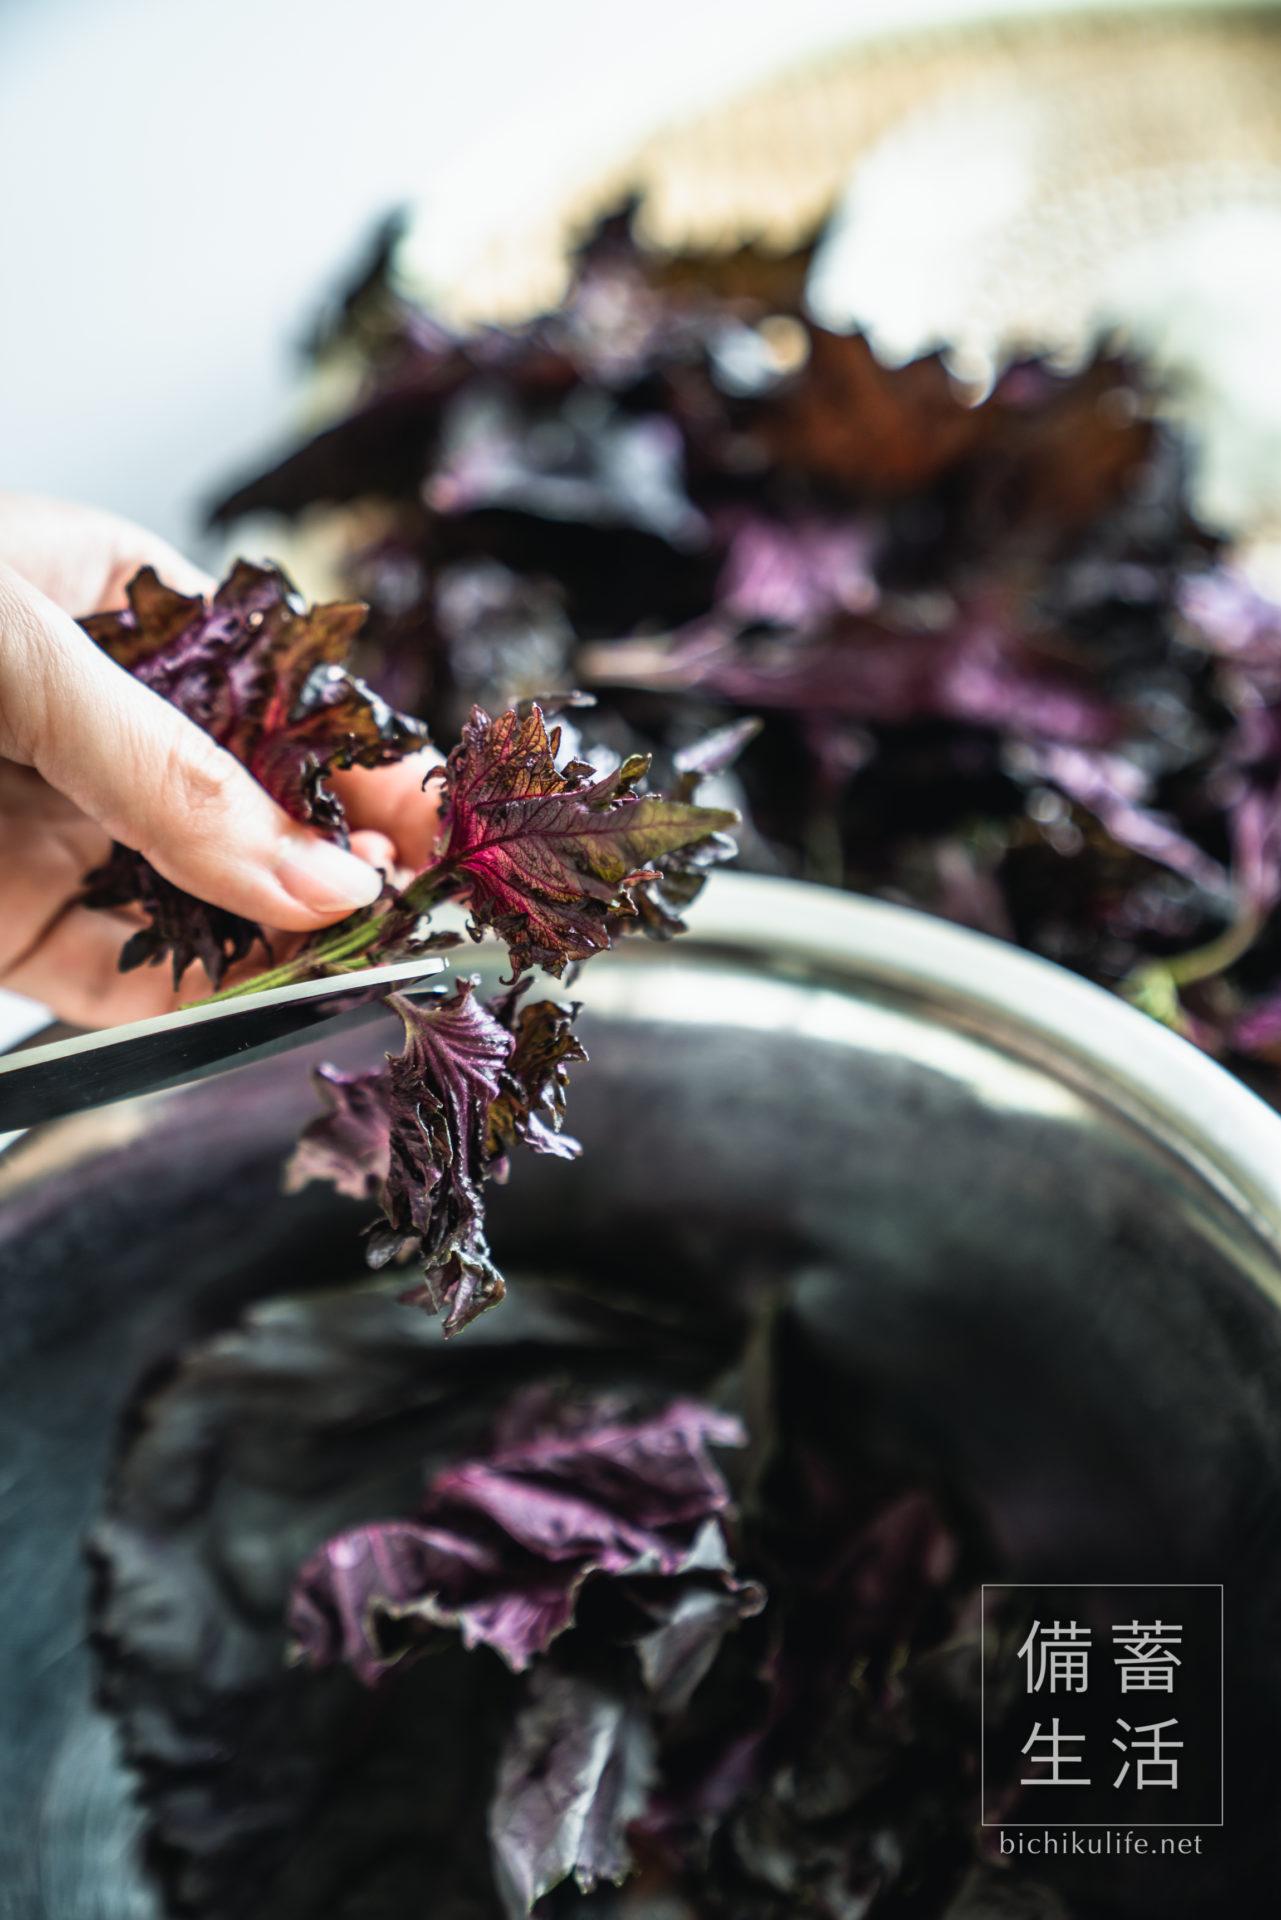 梅干しづくり 自家製梅干しを作るアイデア、赤じそを漬ける、赤じその茎をキッチンばさみで取り除く